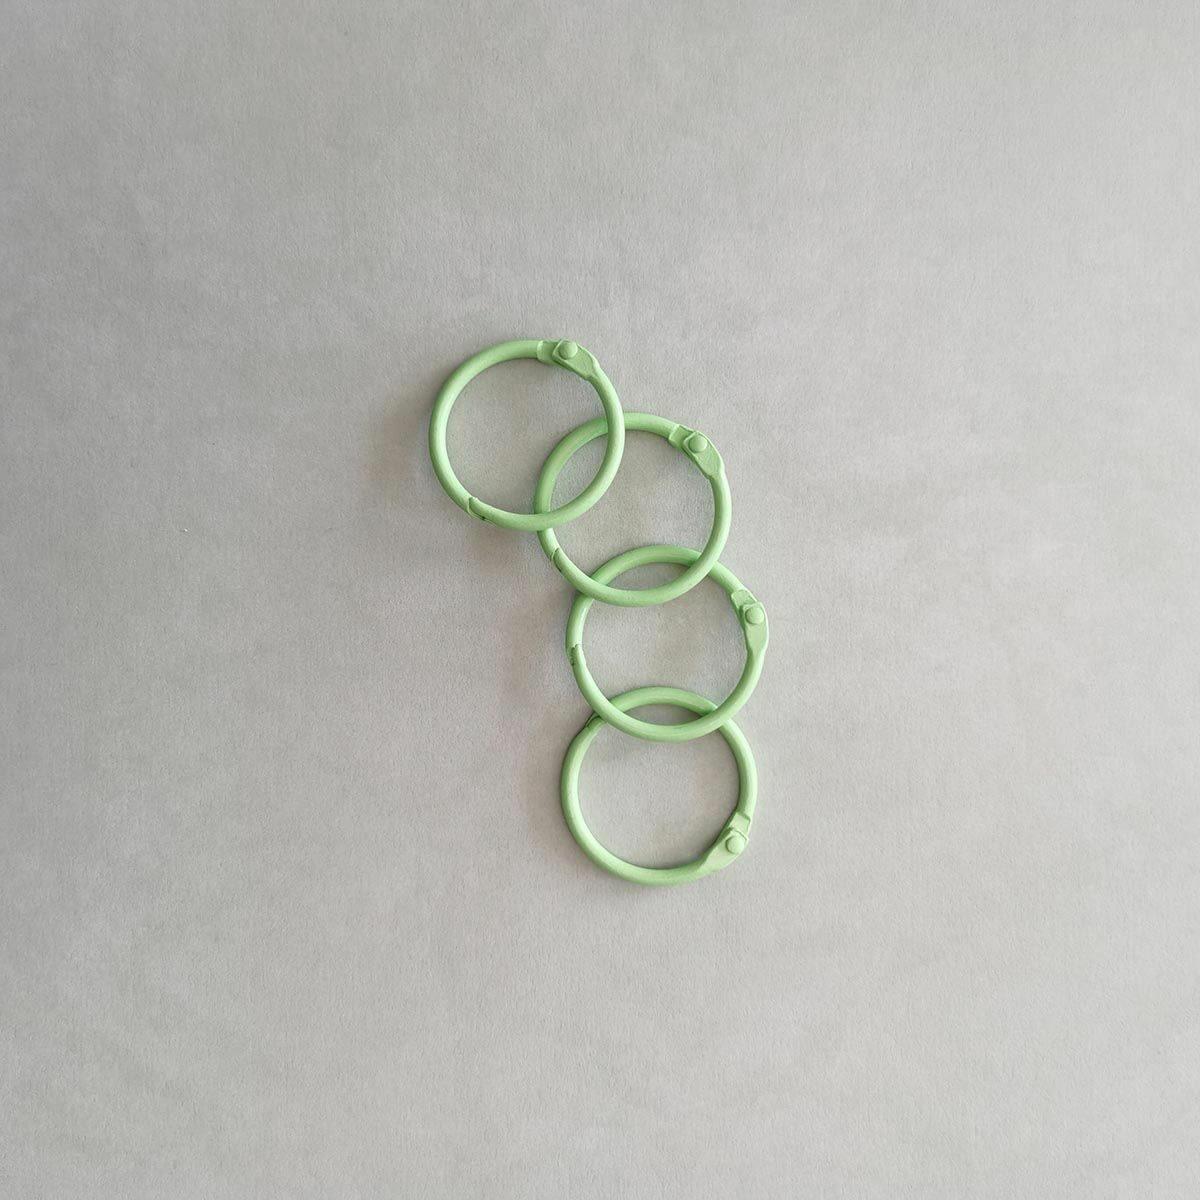 Anilla verde Kimidori 30 mm tipo aro ring para encuadernar metálicas scrapbooking La esquinita del scrap México